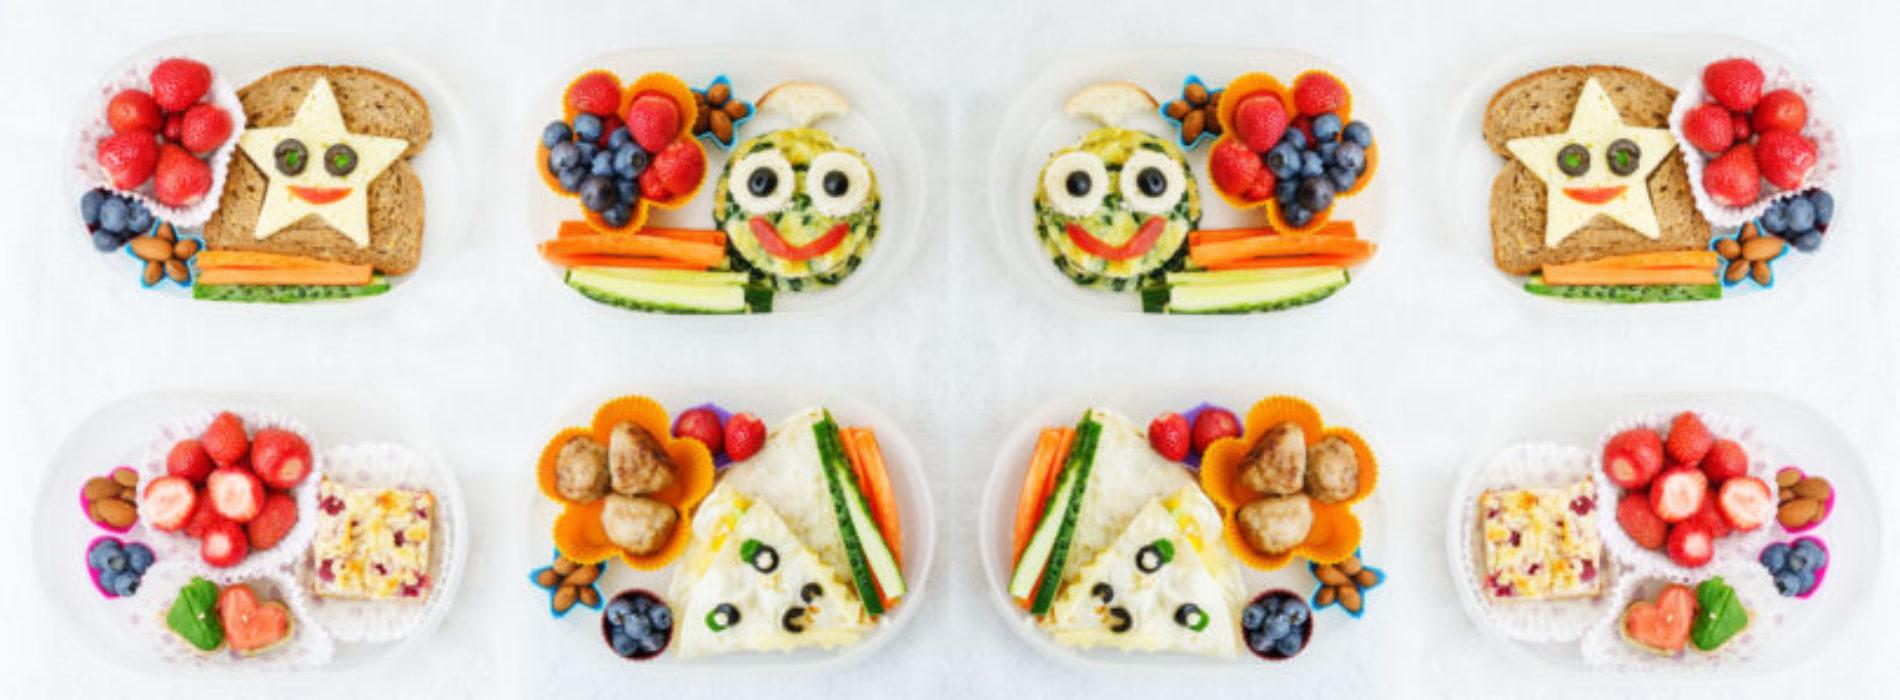 A Nutritious Lunchbox